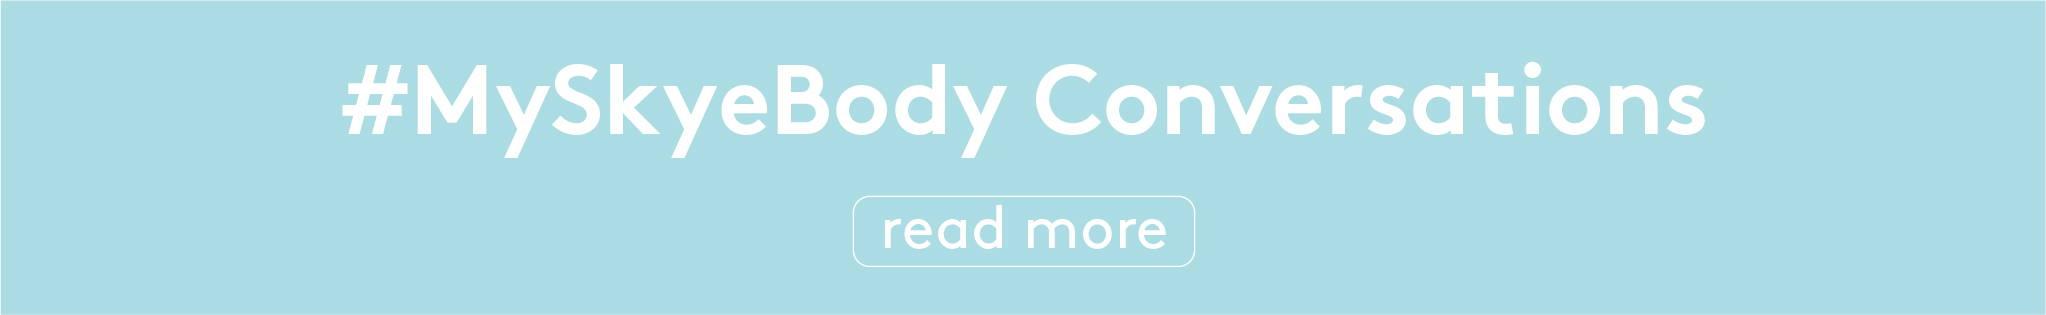 Read more #MySkyeBody conversations!